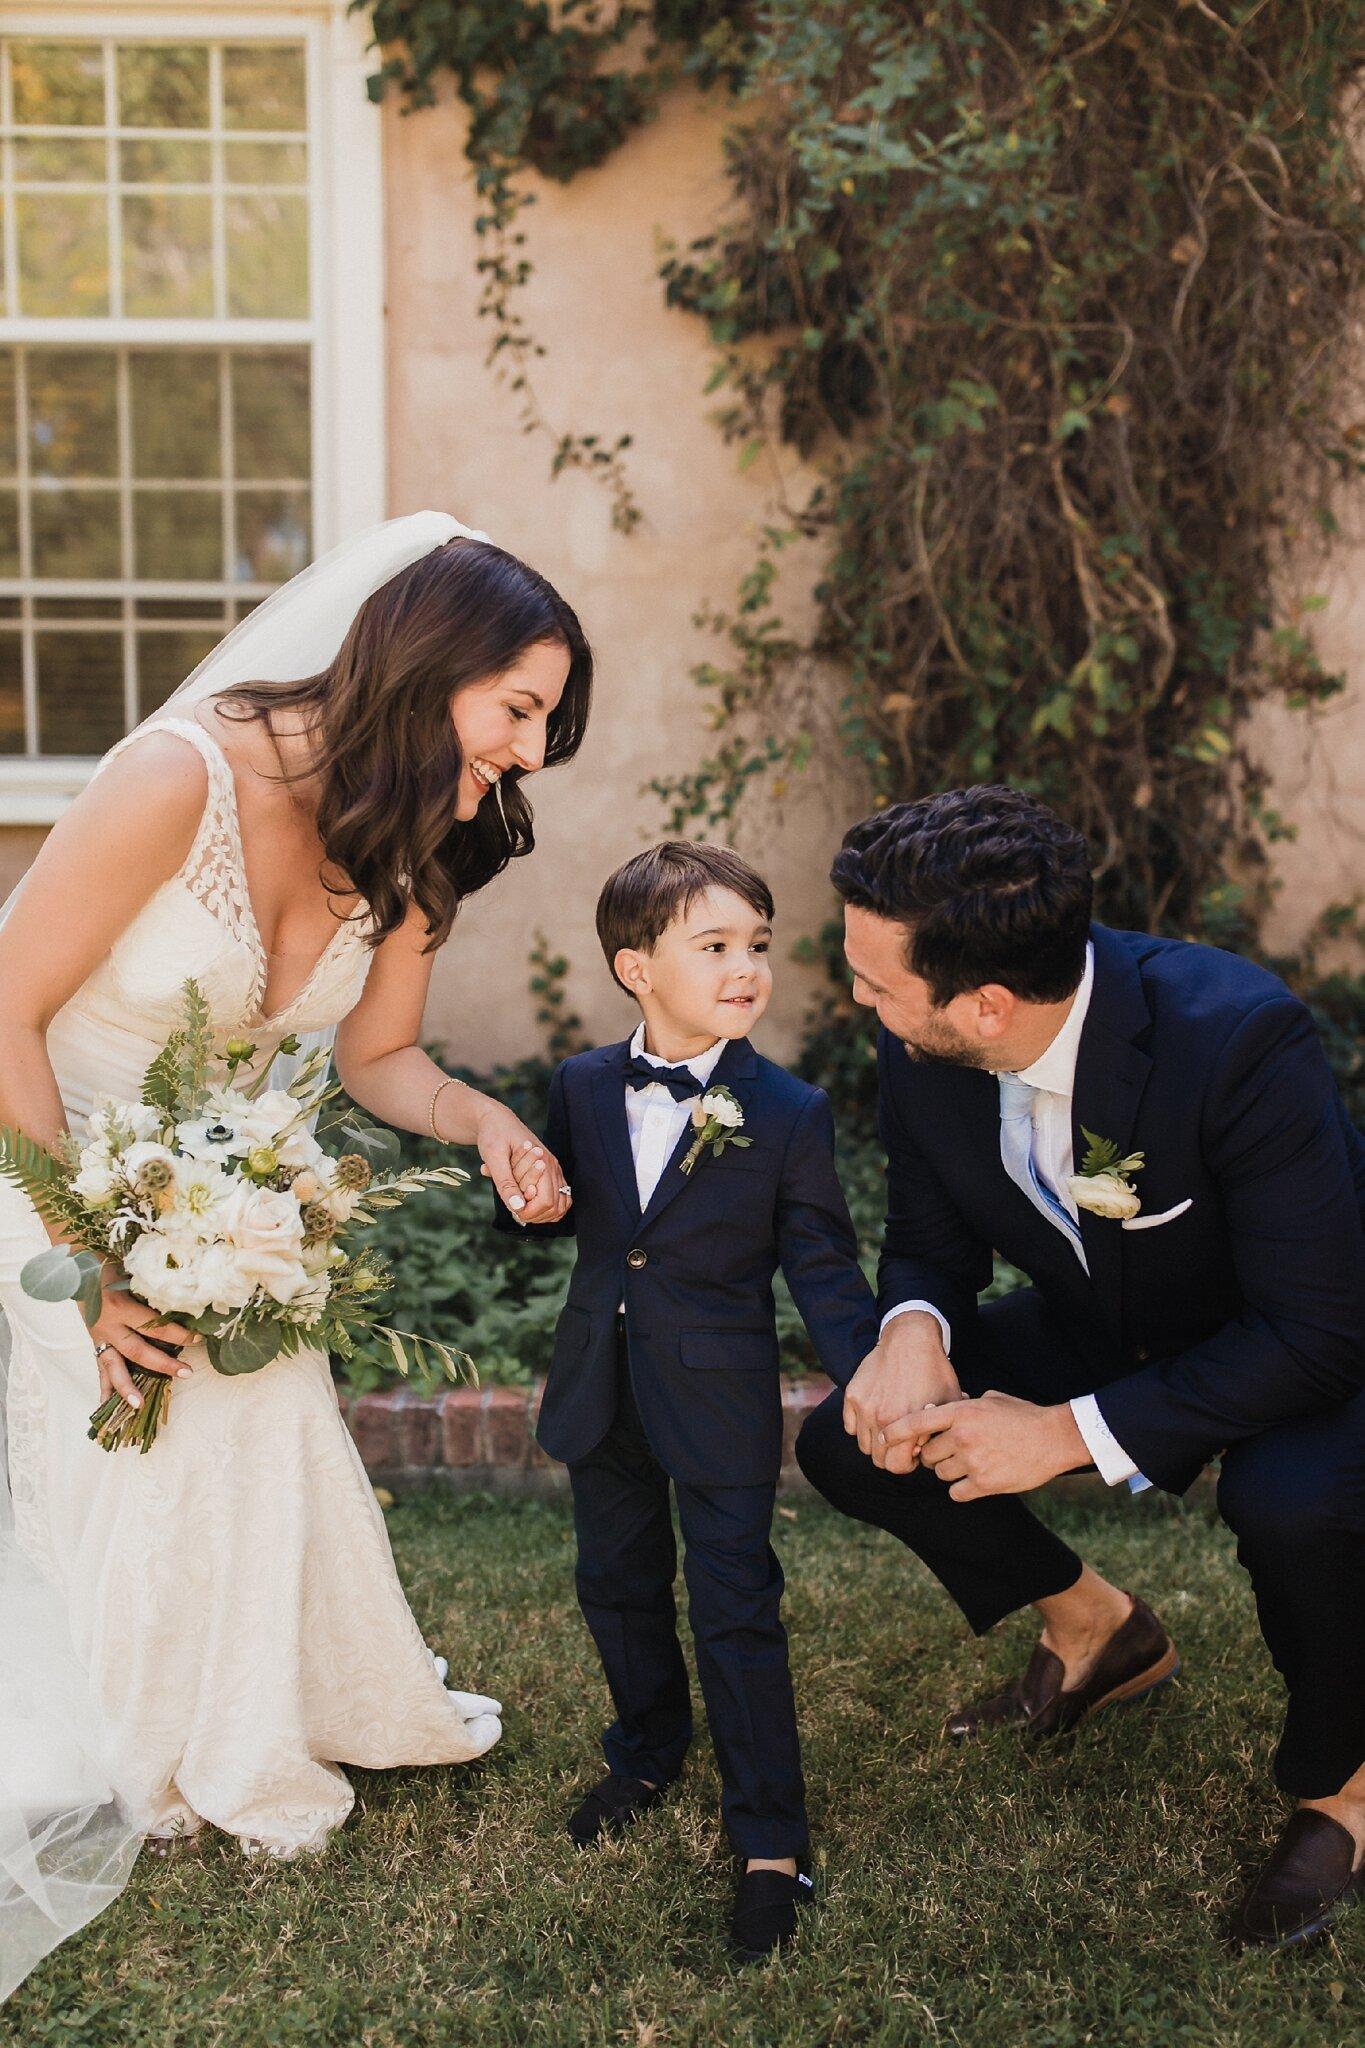 Alicia+lucia+photography+-+albuquerque+wedding+photographer+-+santa+fe+wedding+photography+-+new+mexico+wedding+photographer+-+new+mexico+wedding+-+wedding+-+albuquerque+wedding+-+los+poblanos+-+los+poblanos+wedding+-+fall+wedding_0070.jpg